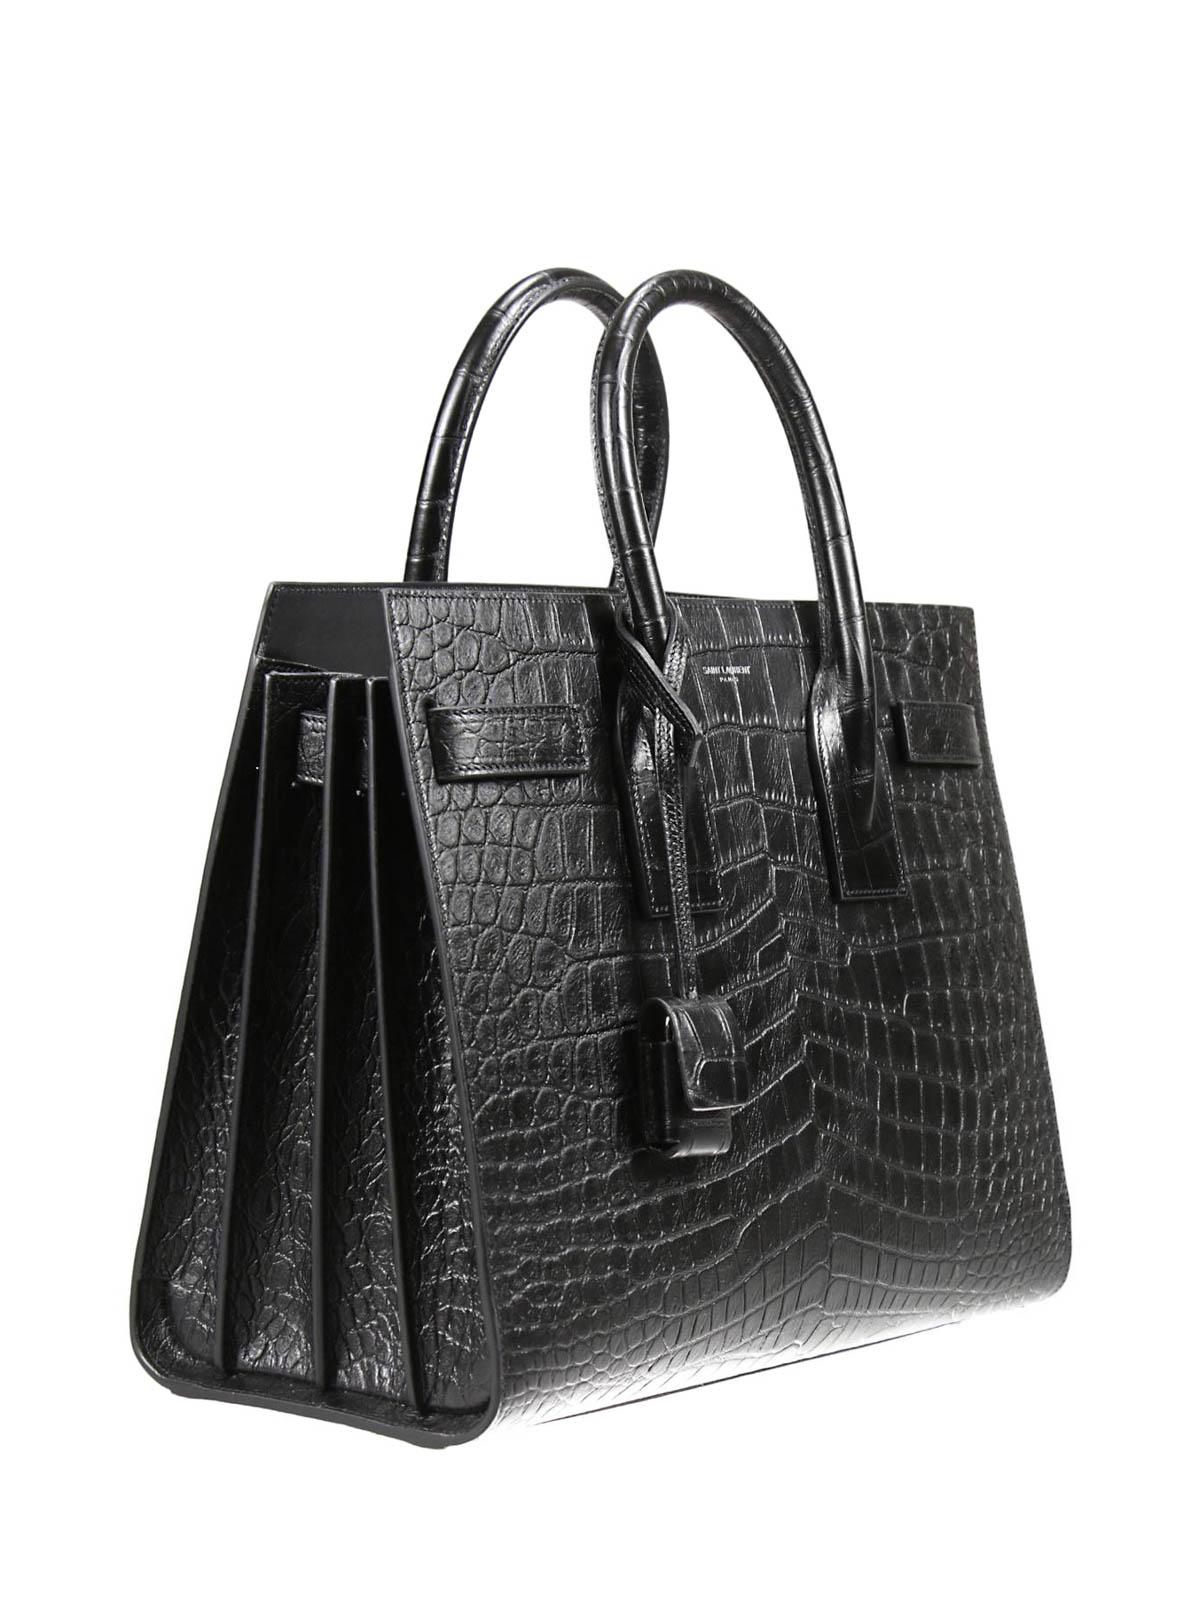 Laurent Handbag Sacs Main Jour De À Sac Croco Leather Saint DHYeIW2E9